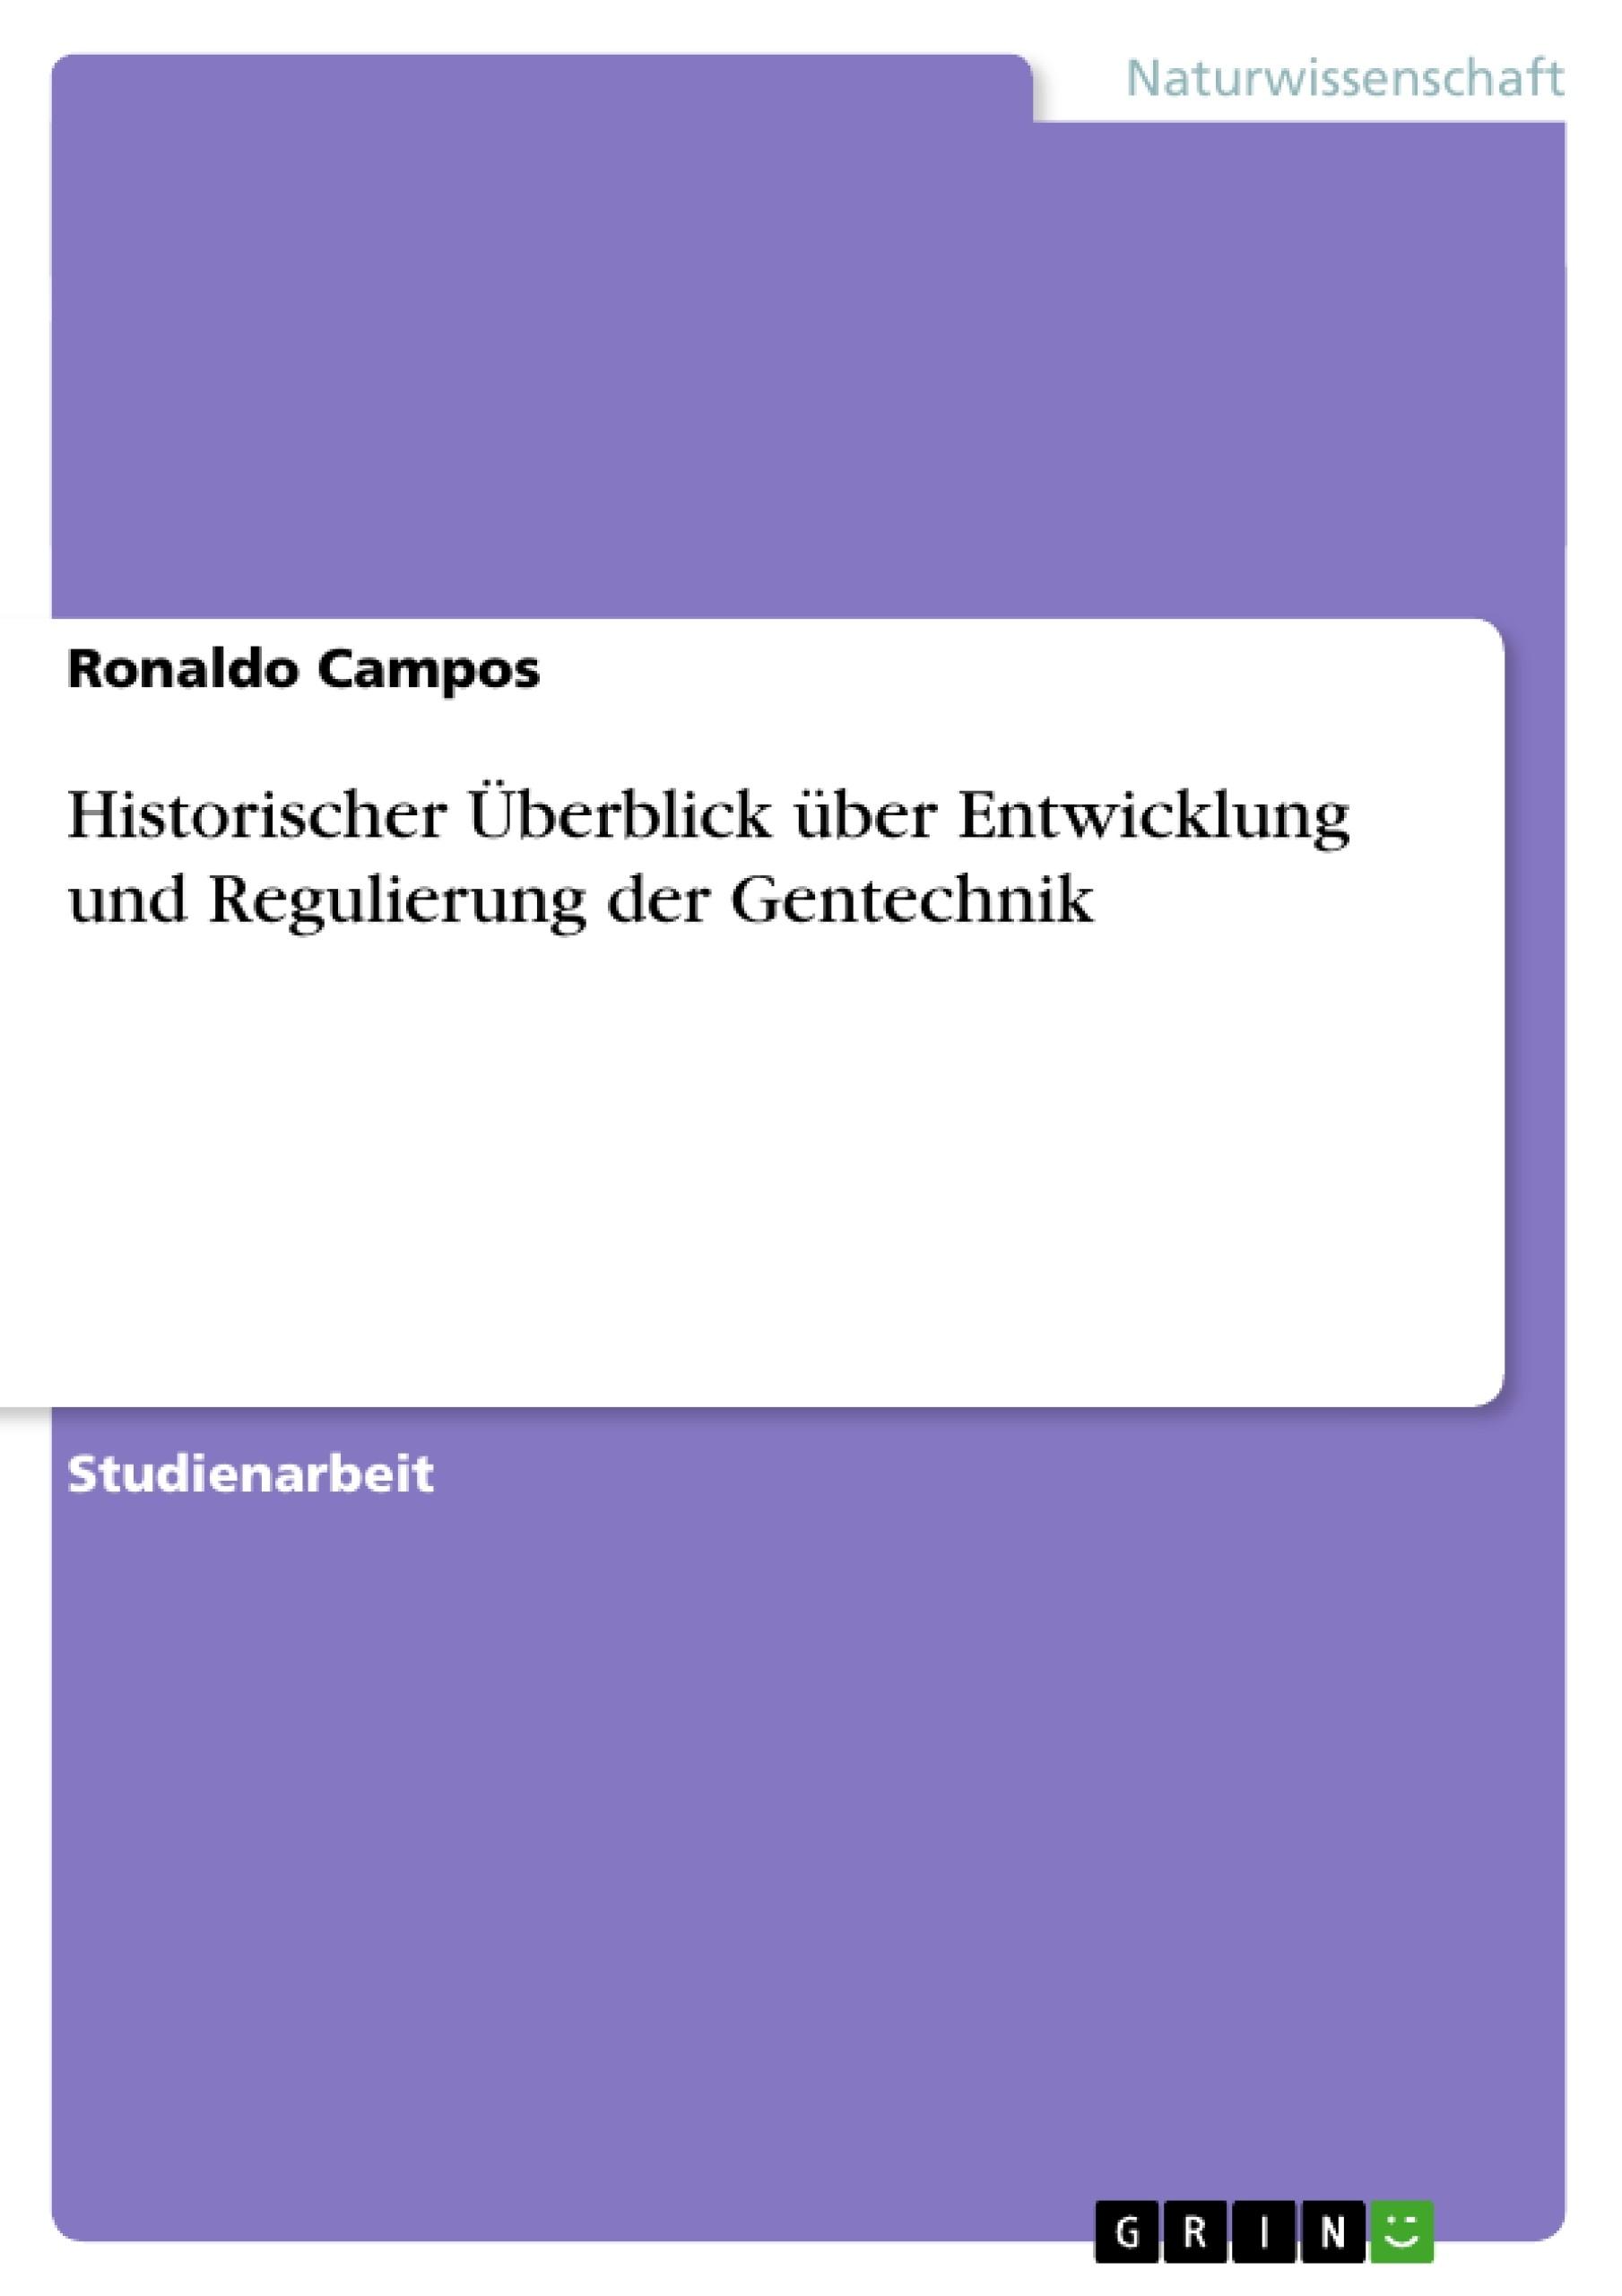 Titel: Historischer Überblick über Entwicklung und  Regulierung der Gentechnik